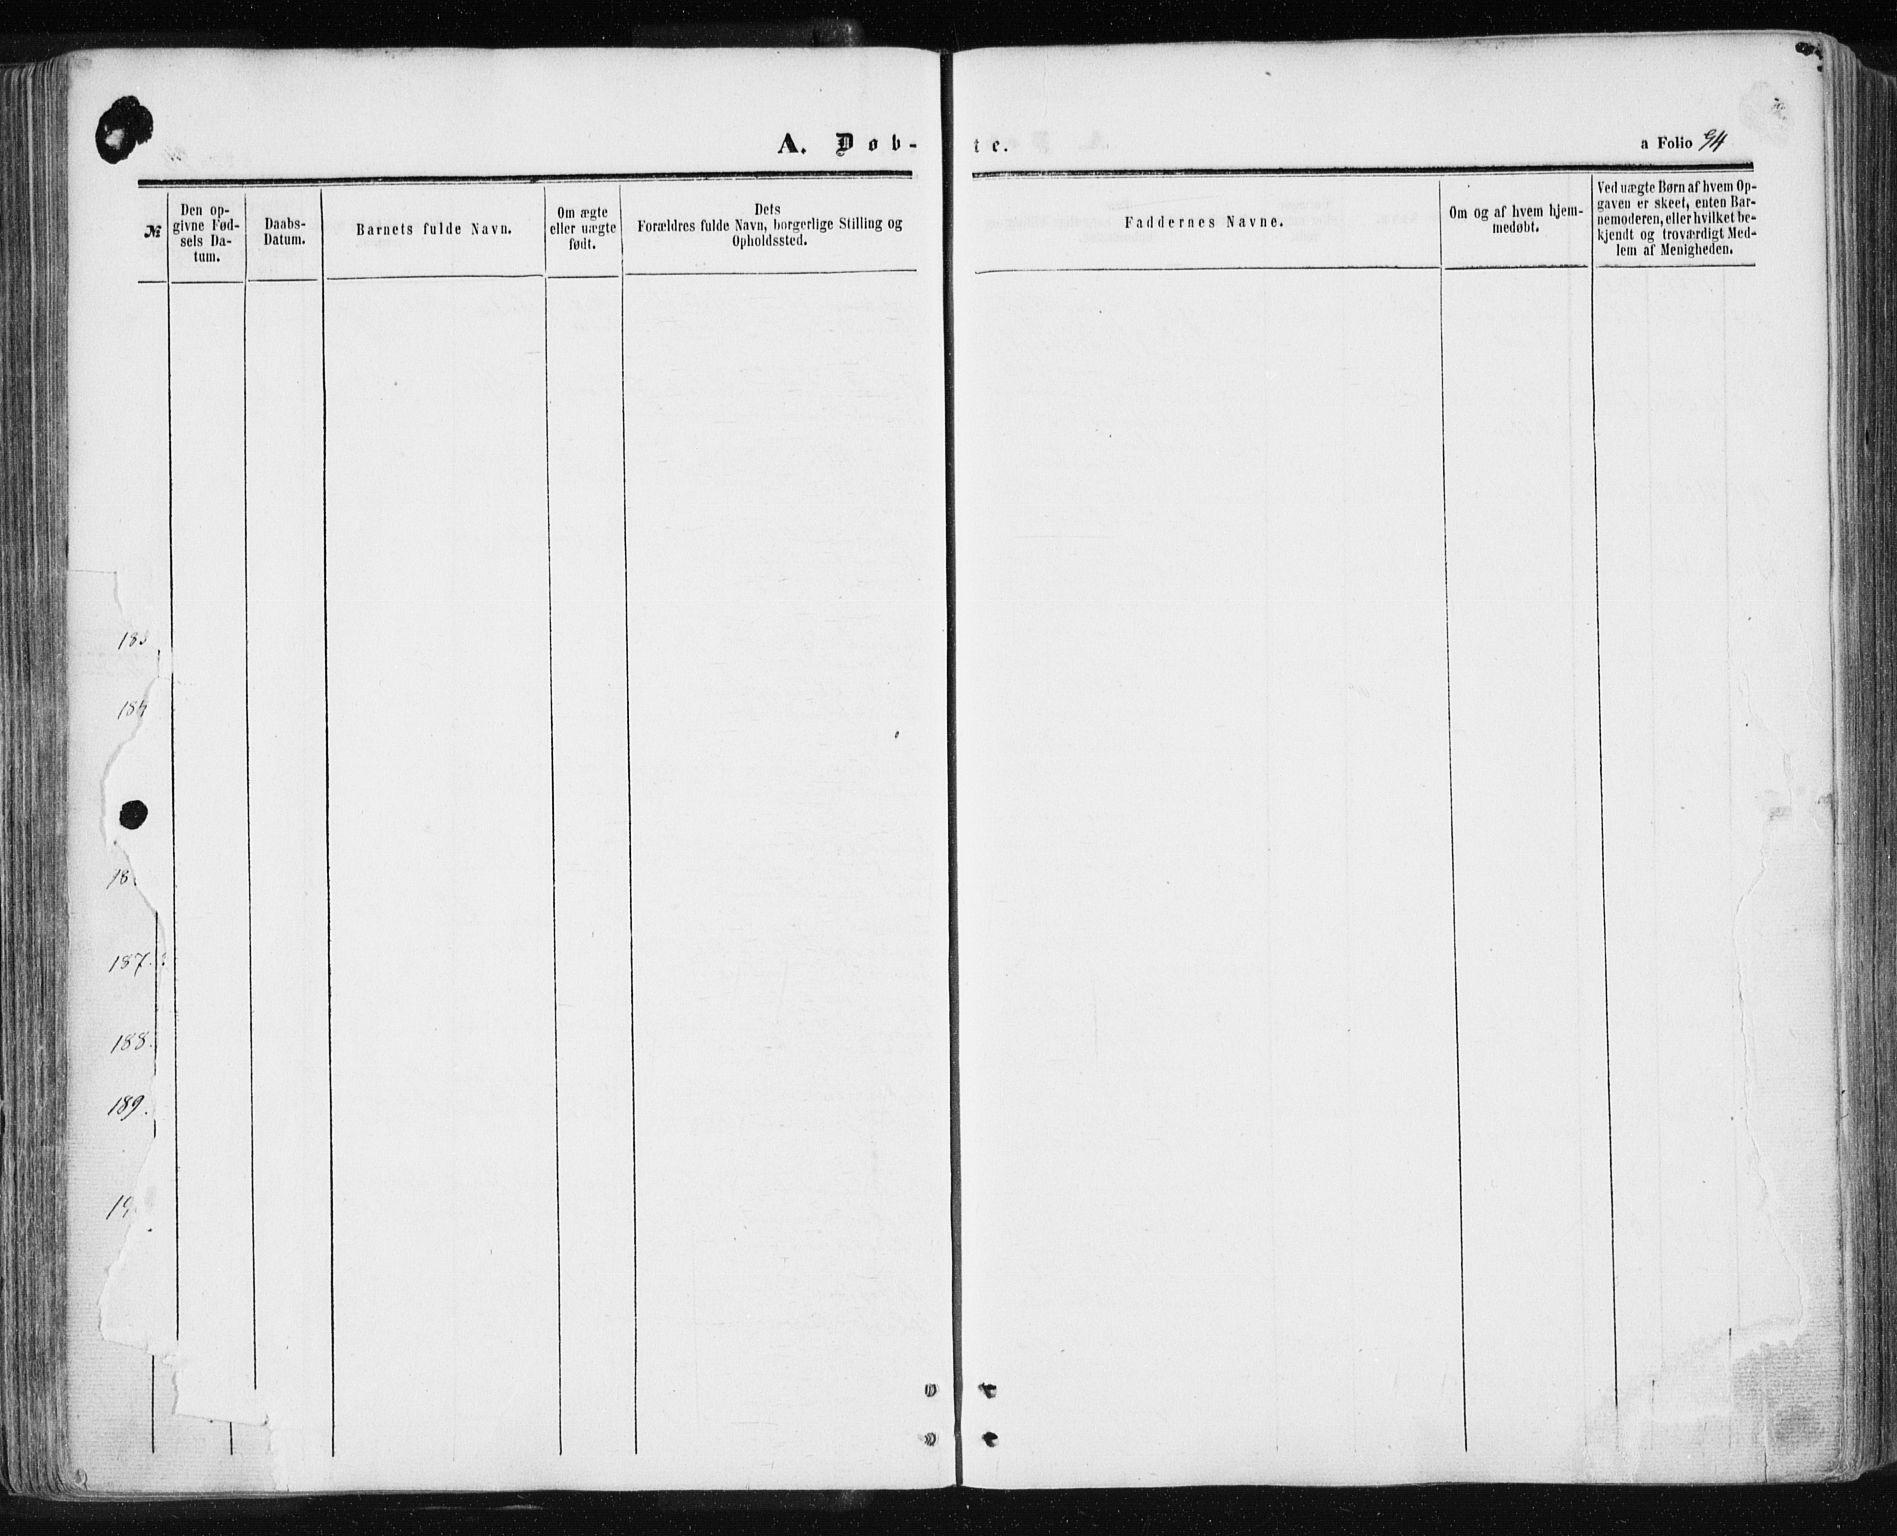 SAT, Ministerialprotokoller, klokkerbøker og fødselsregistre - Sør-Trøndelag, 601/L0053: Ministerialbok nr. 601A21, 1857-1865, s. 94